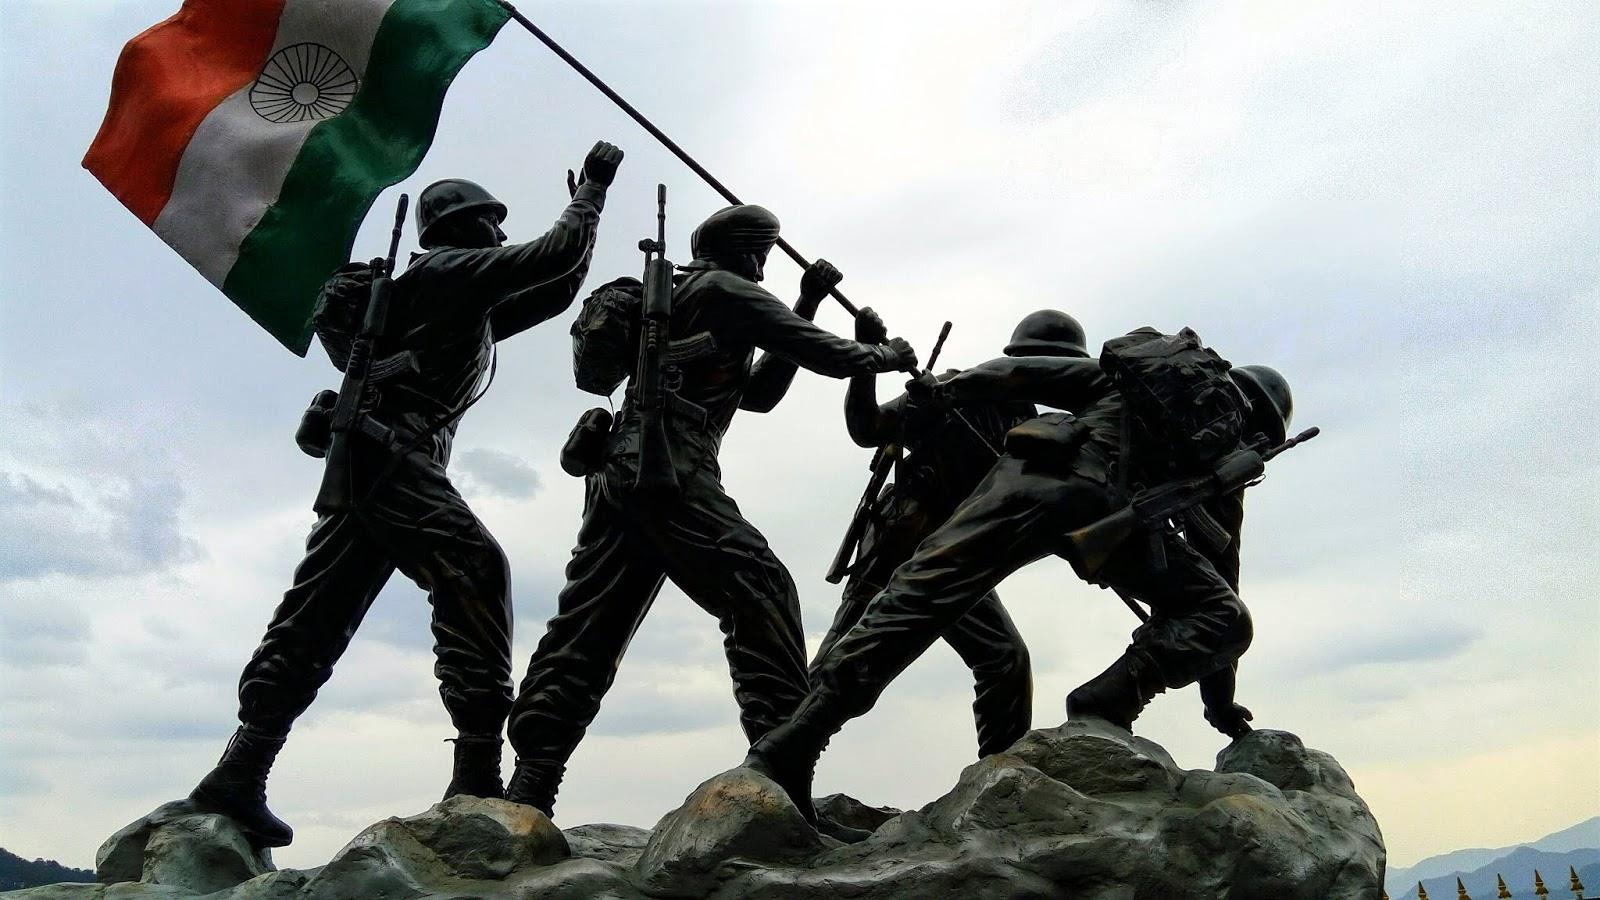 Army vs capf